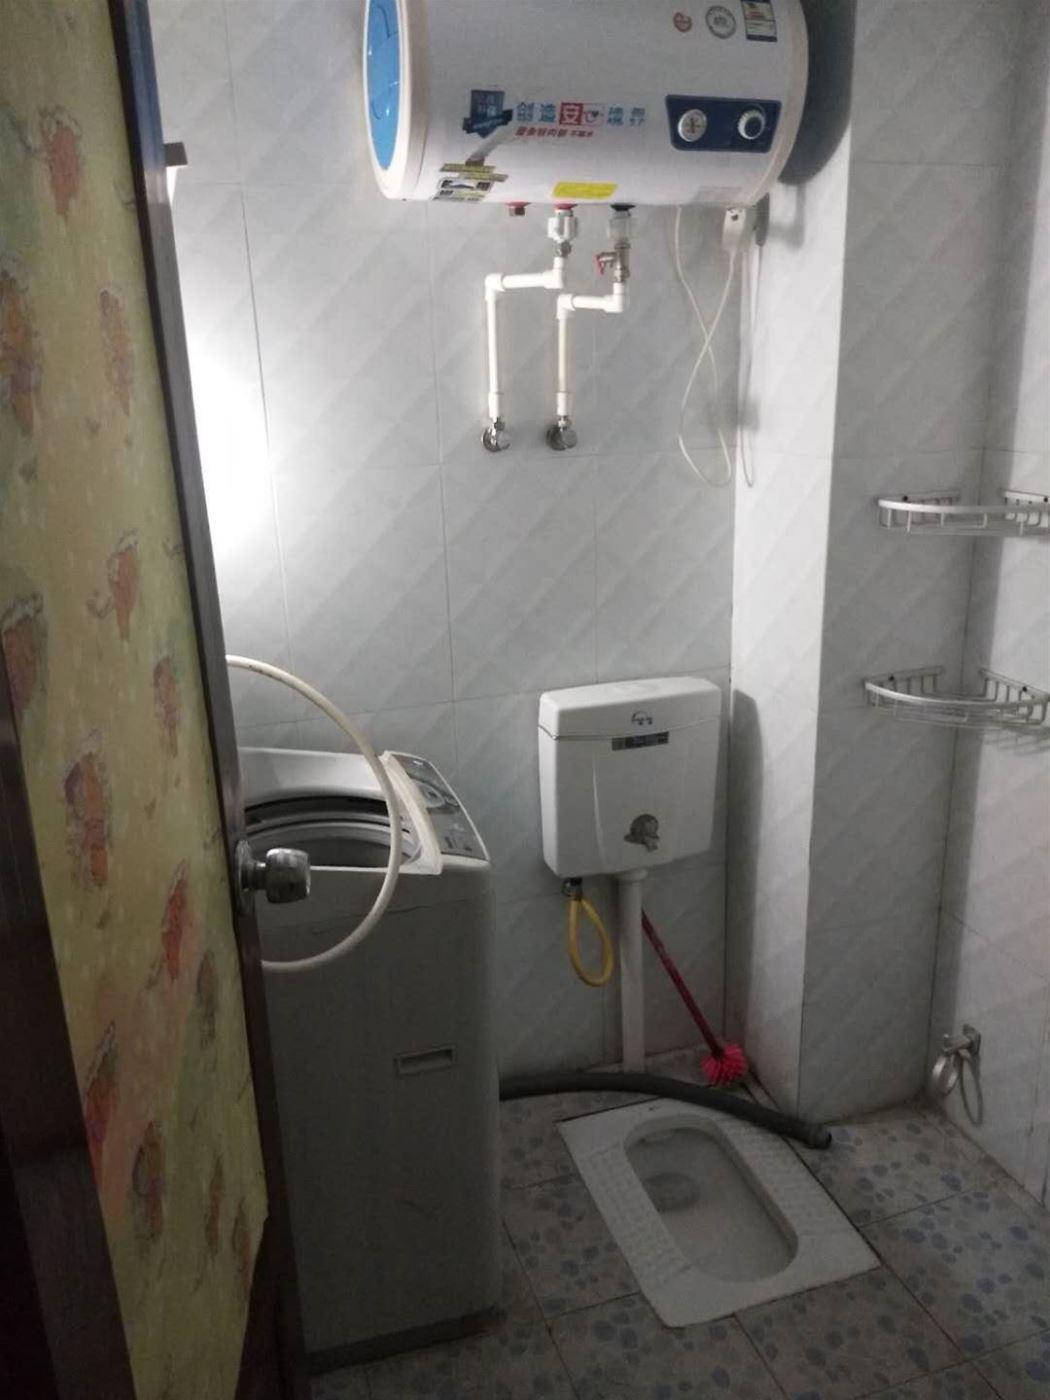 天成一品 市中心 地铁一二号线 两房仅租1600天成一品